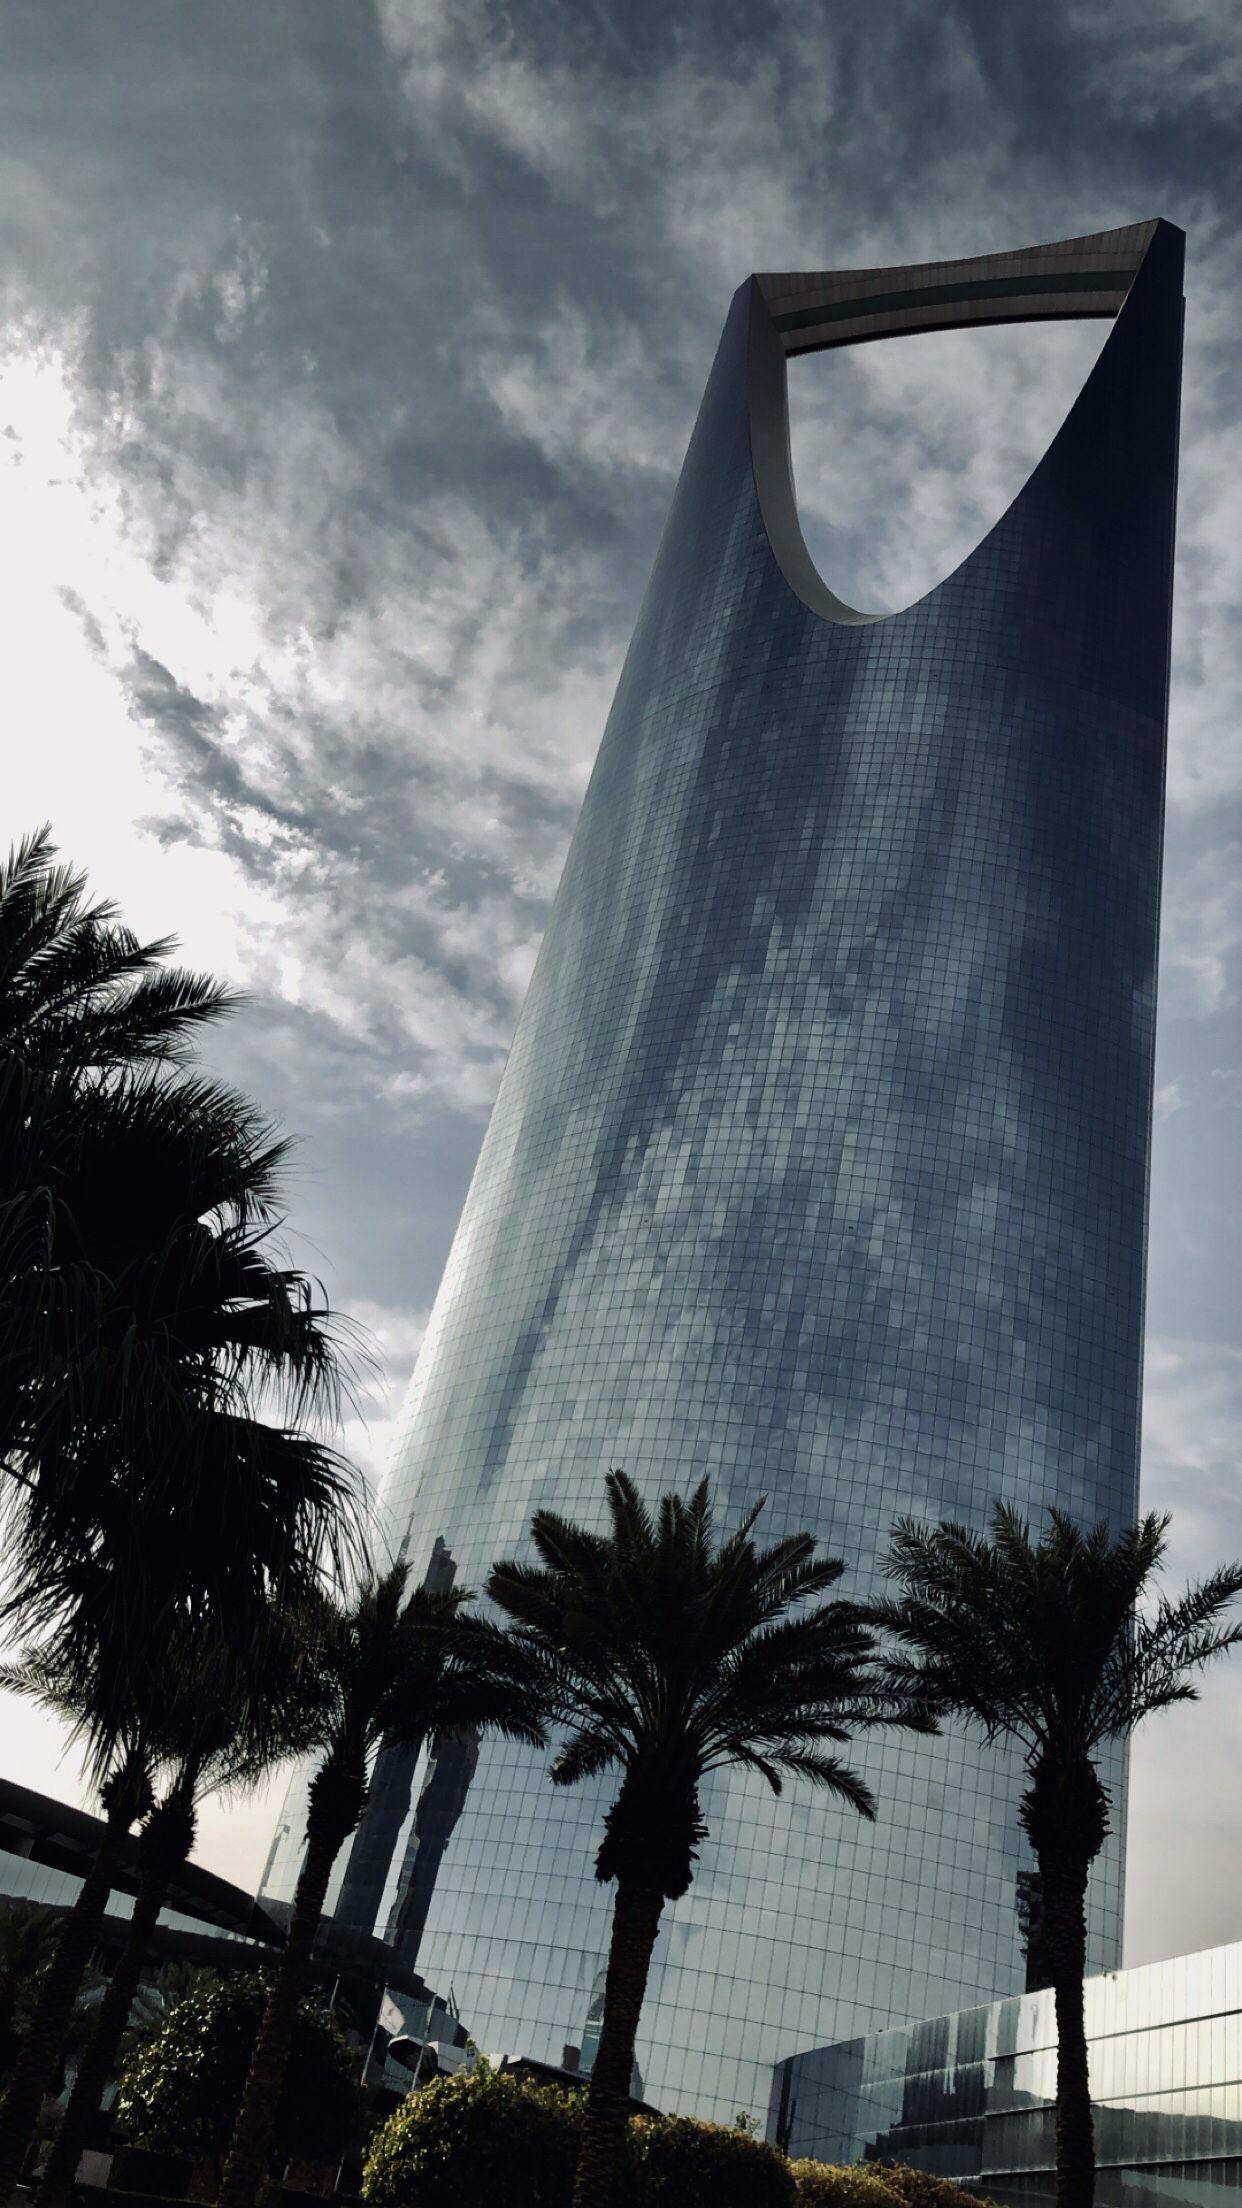 ي جمالك يالعاصمة Saudi Arabia Culture Egypt Art Funny Art